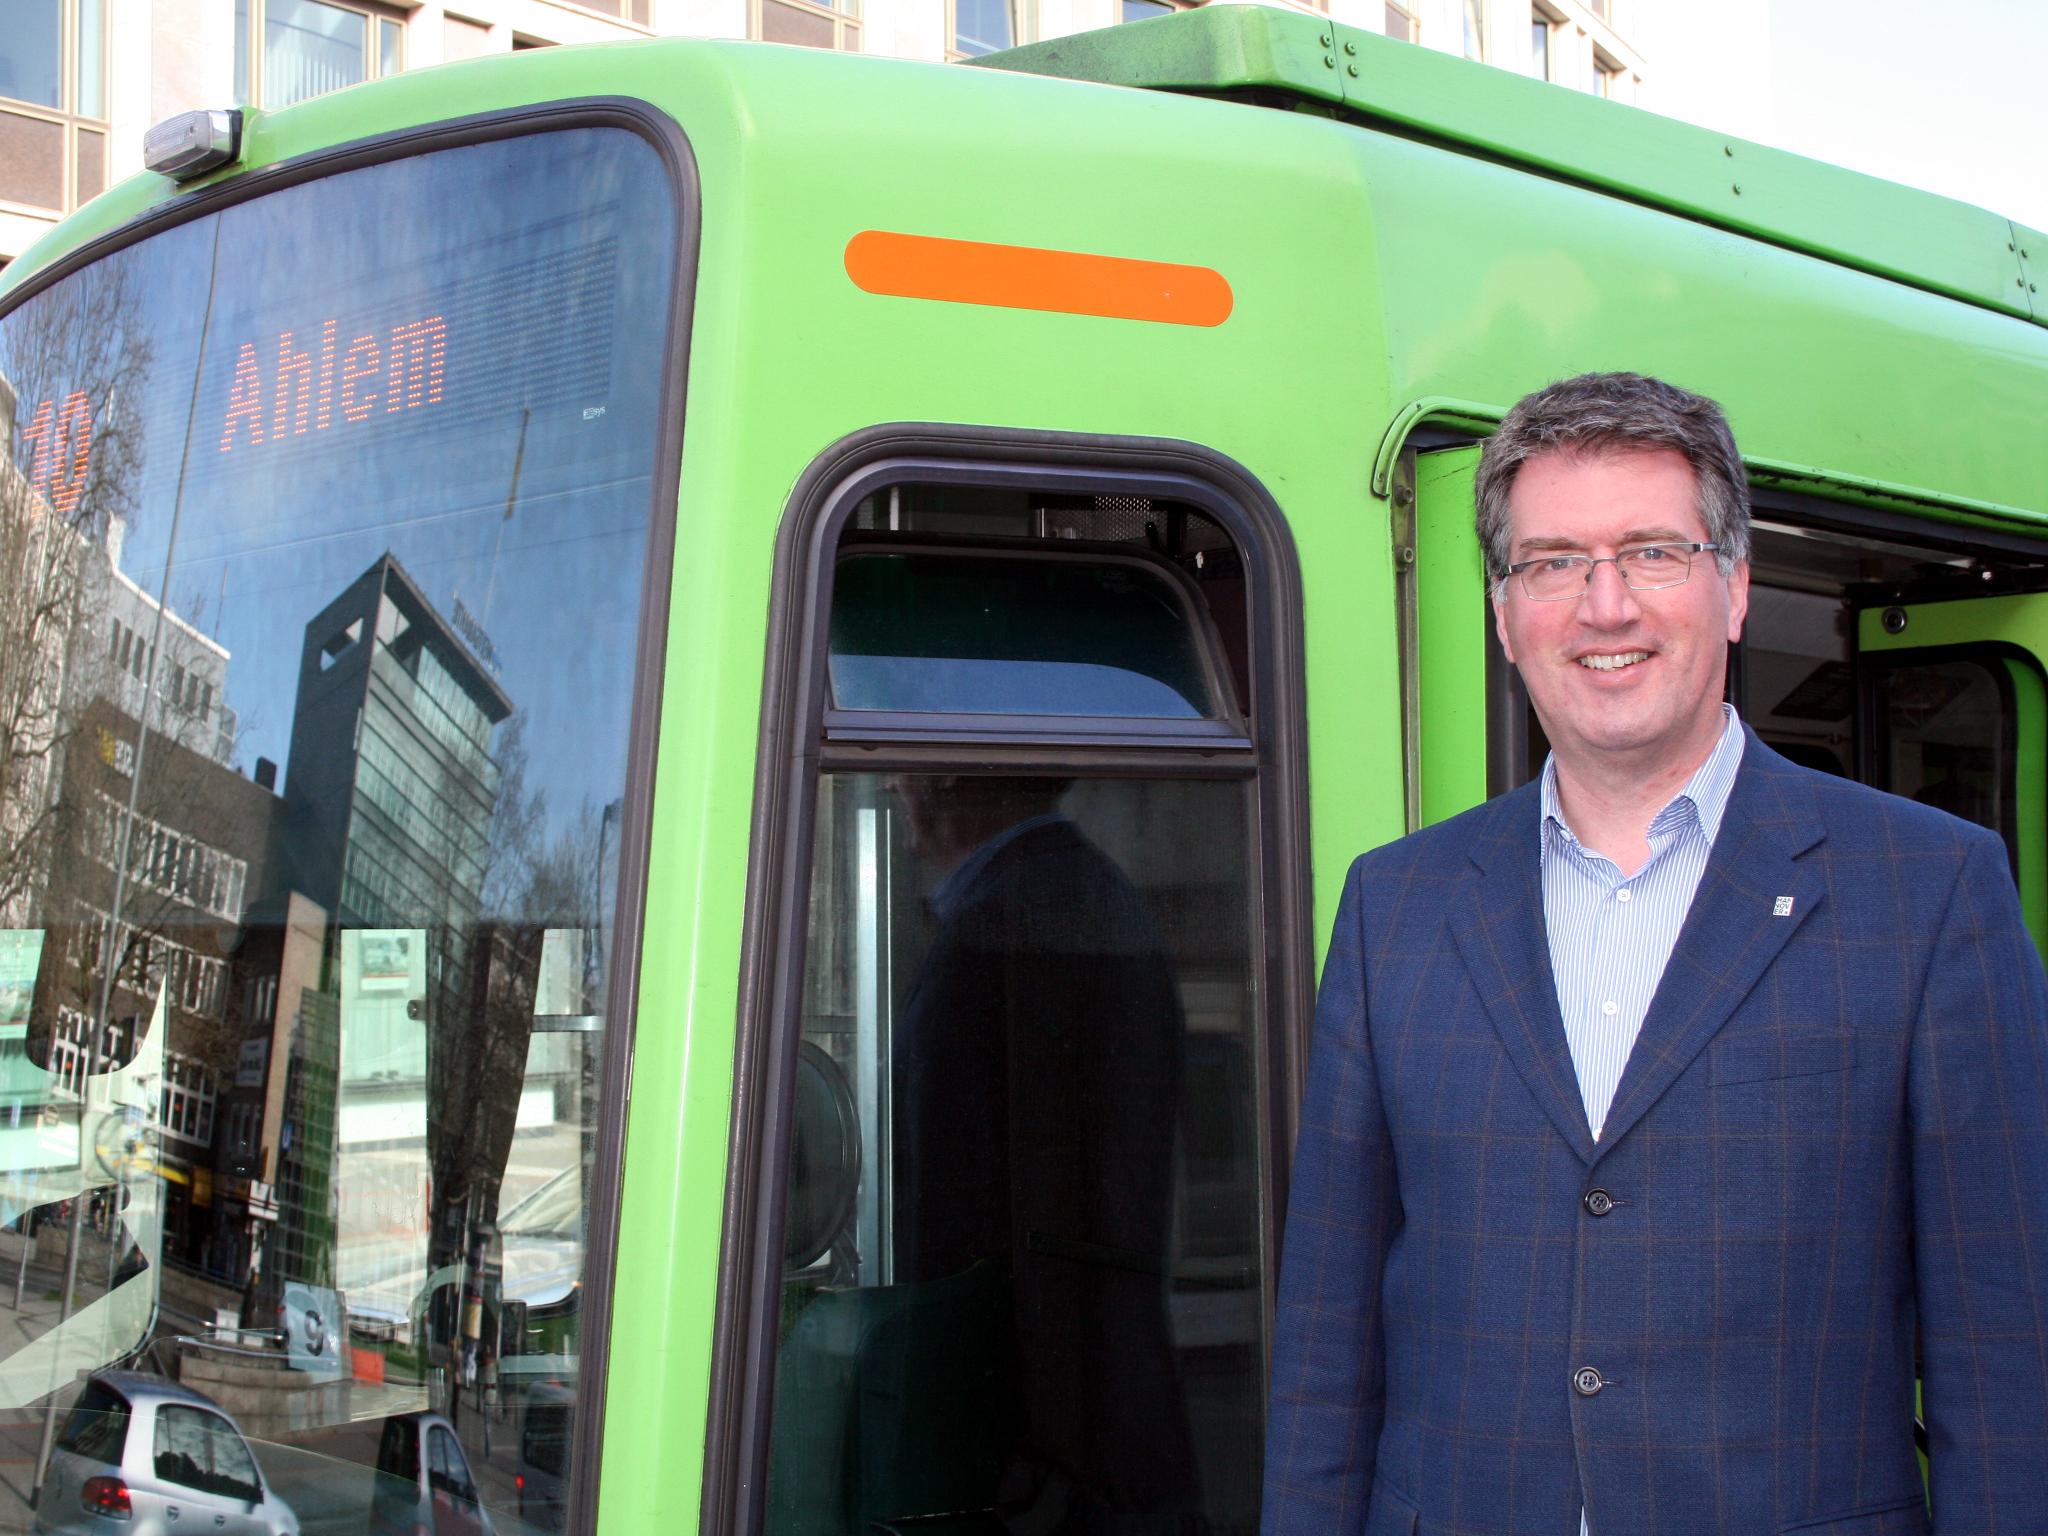 Ein Mann steht an einer Stadtbahn und sieht in die Kamera. Die Tür der Stadtbahn ist geöffnet.